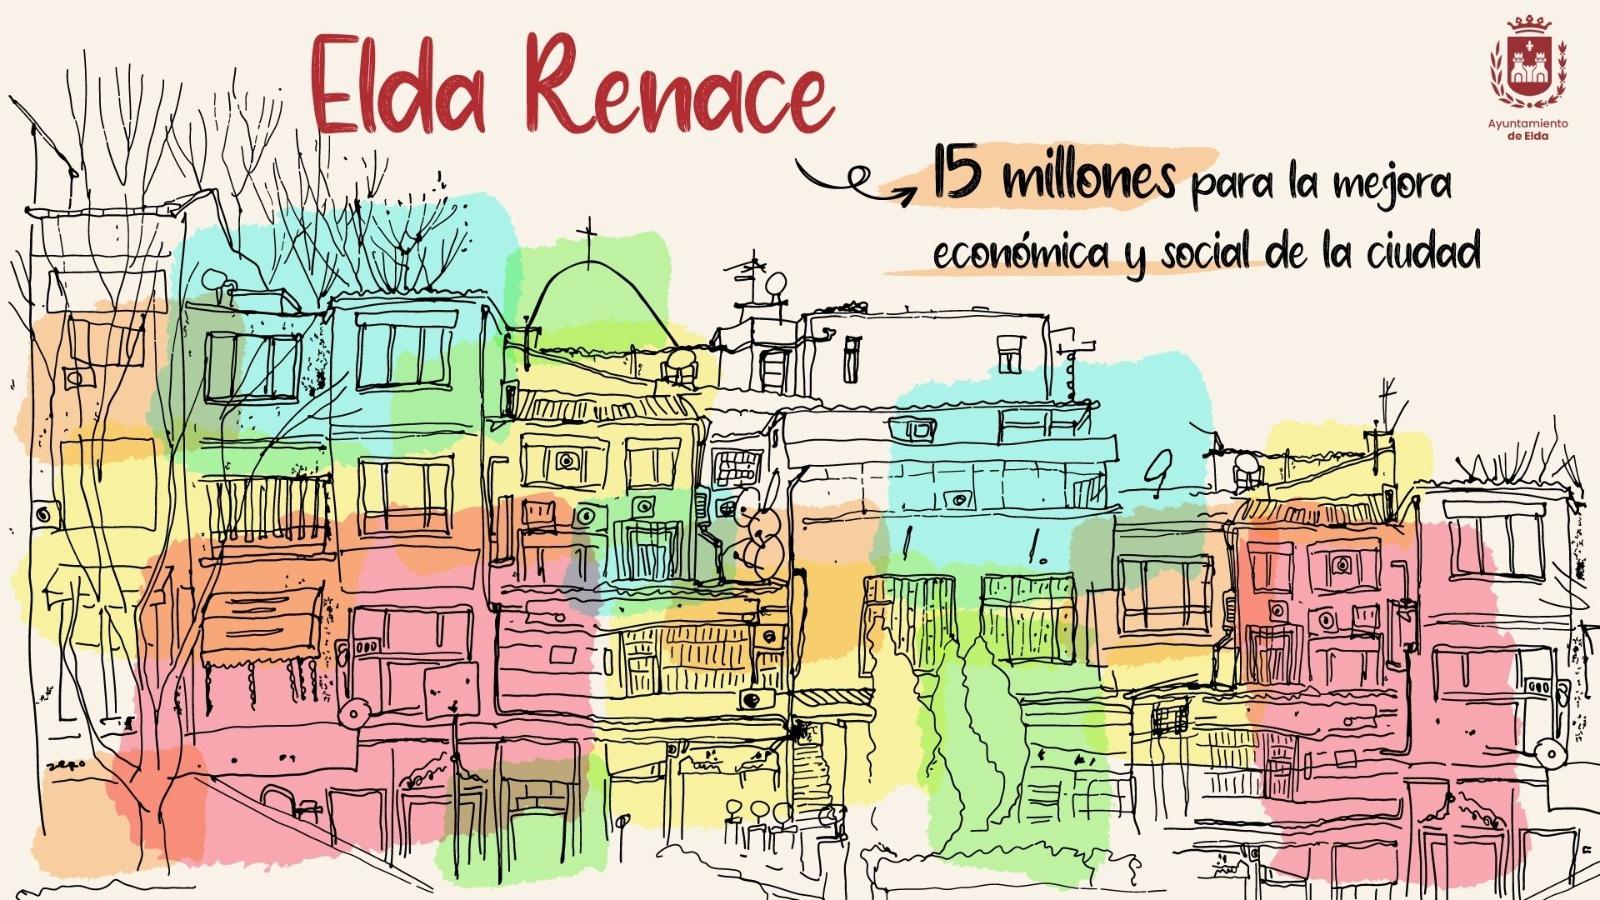 El Ayuntamiento pone en marcha 'Elda Renace', un plan con más de 15 millones de euros para impulsar la recuperación económica y social de la ciudad  y generar más de 600 empleos